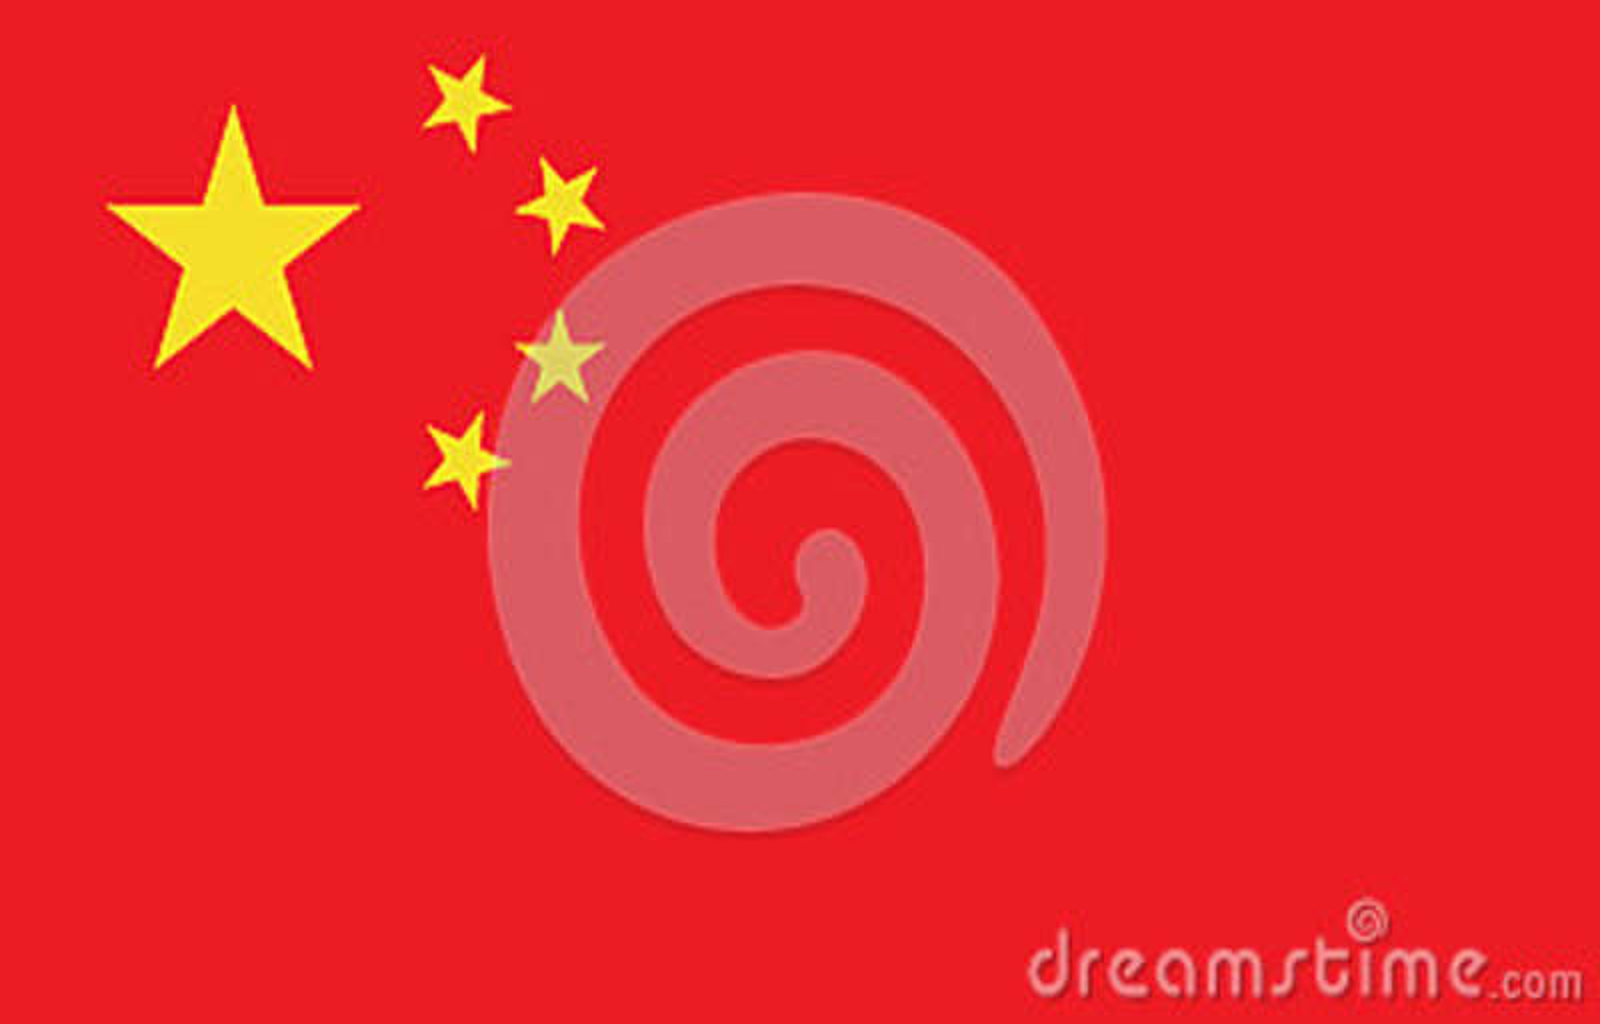 China flag image